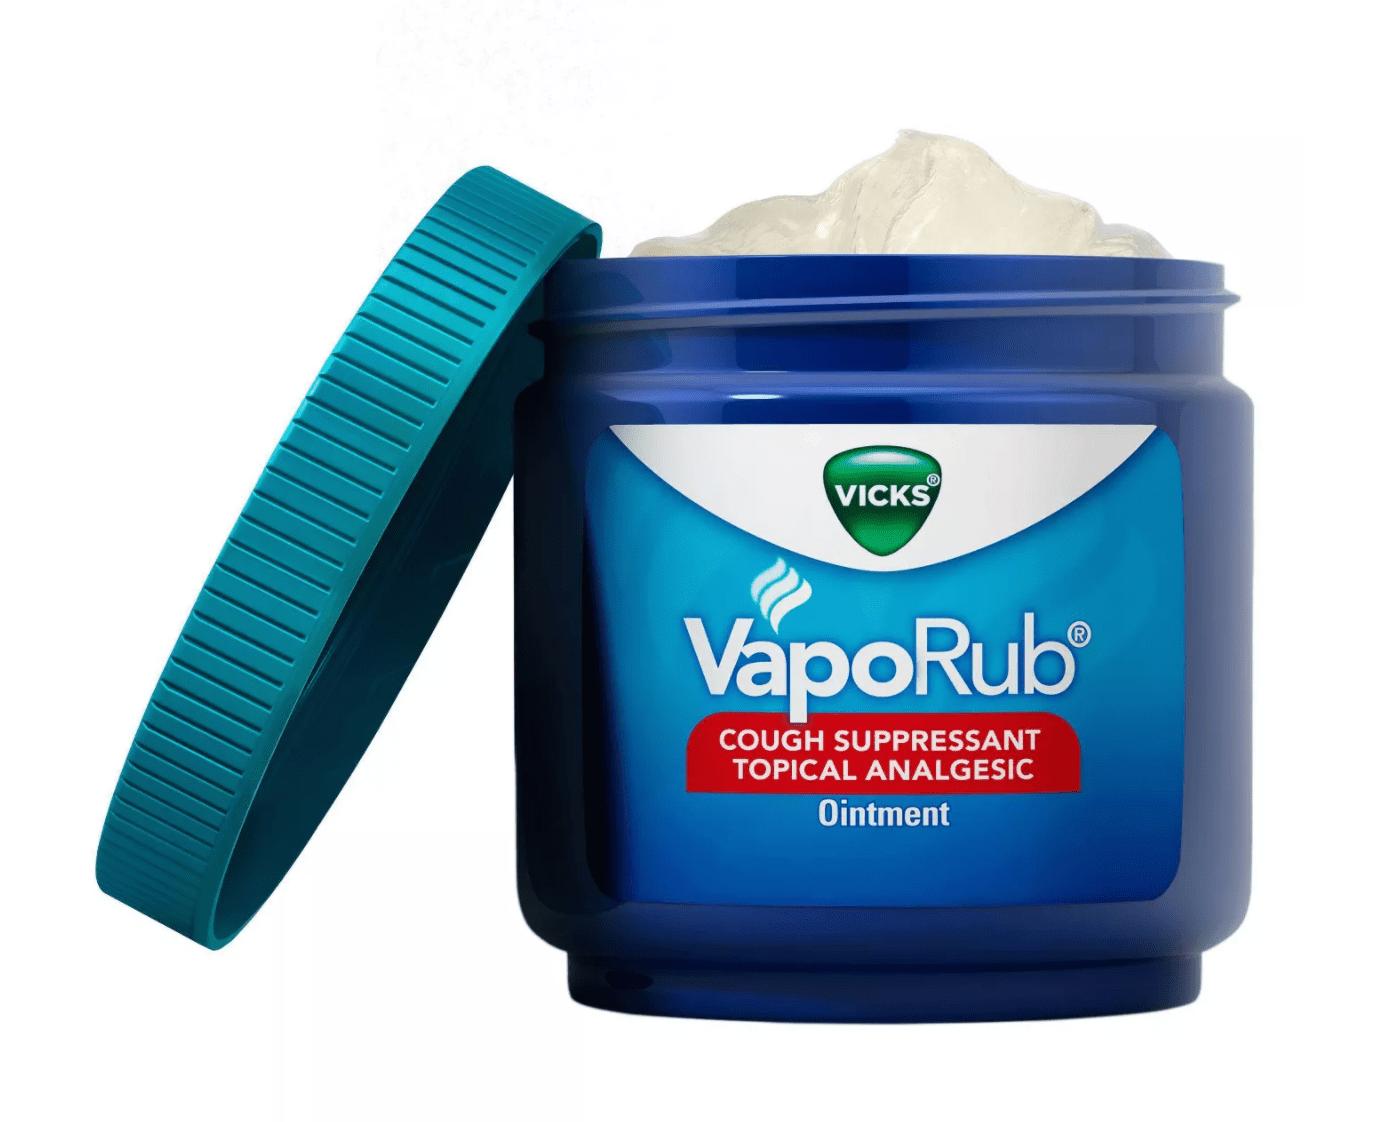 éget-e hasi zsírt a vaporub hogyan lehet 45 napon belül fogyni